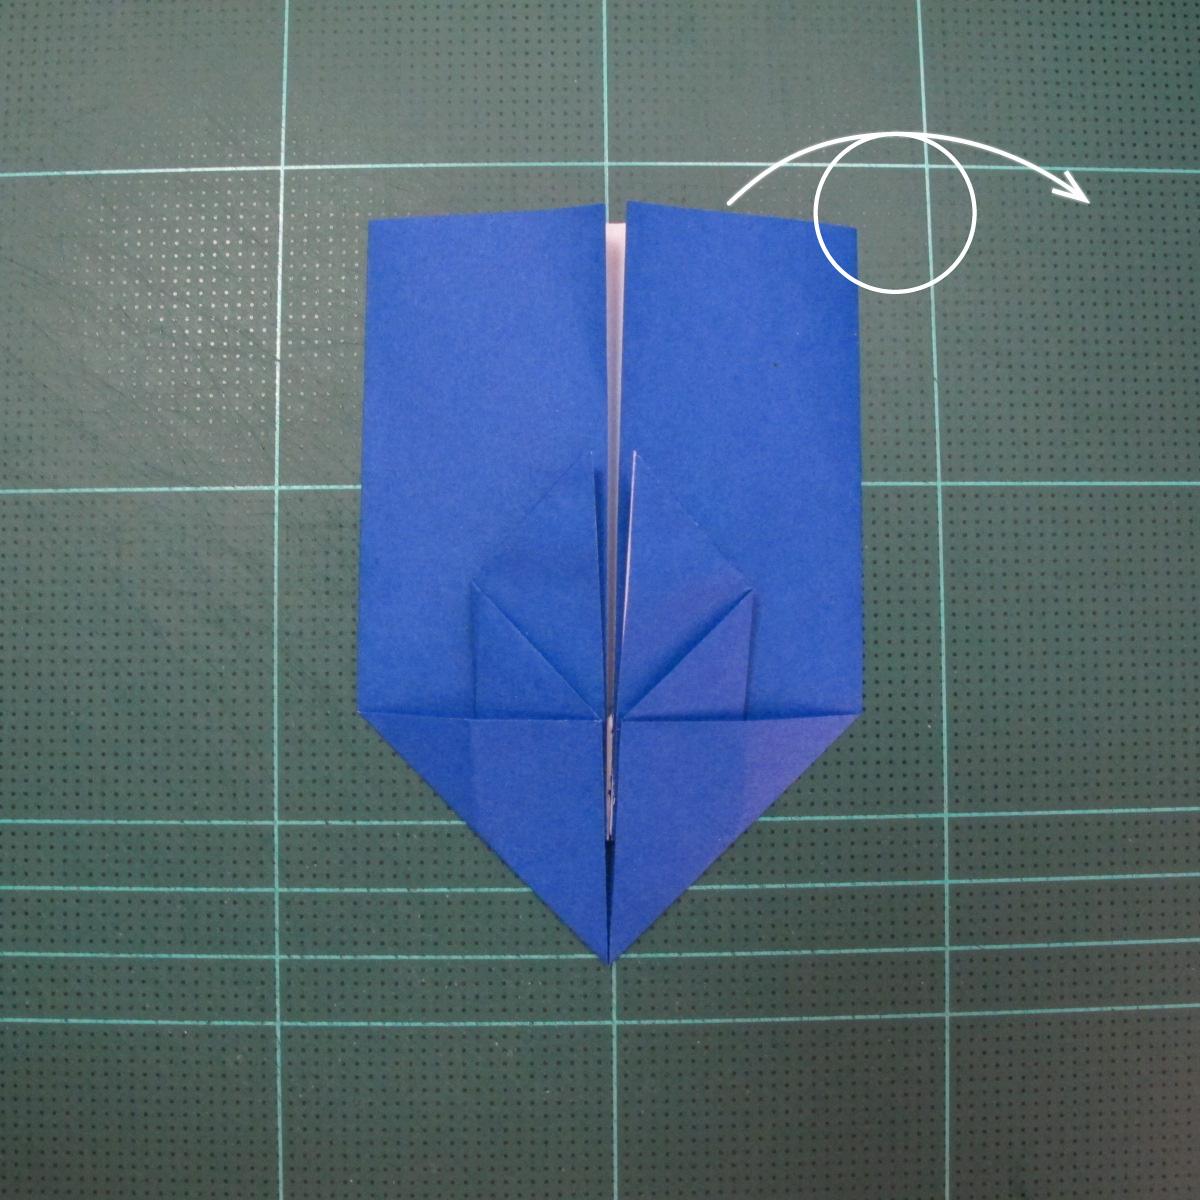 วิธีการพับกระดาษเป็นรูปกระต่าย แบบของเอ็ดวิน คอรี่ (Origami Rabbit)  009